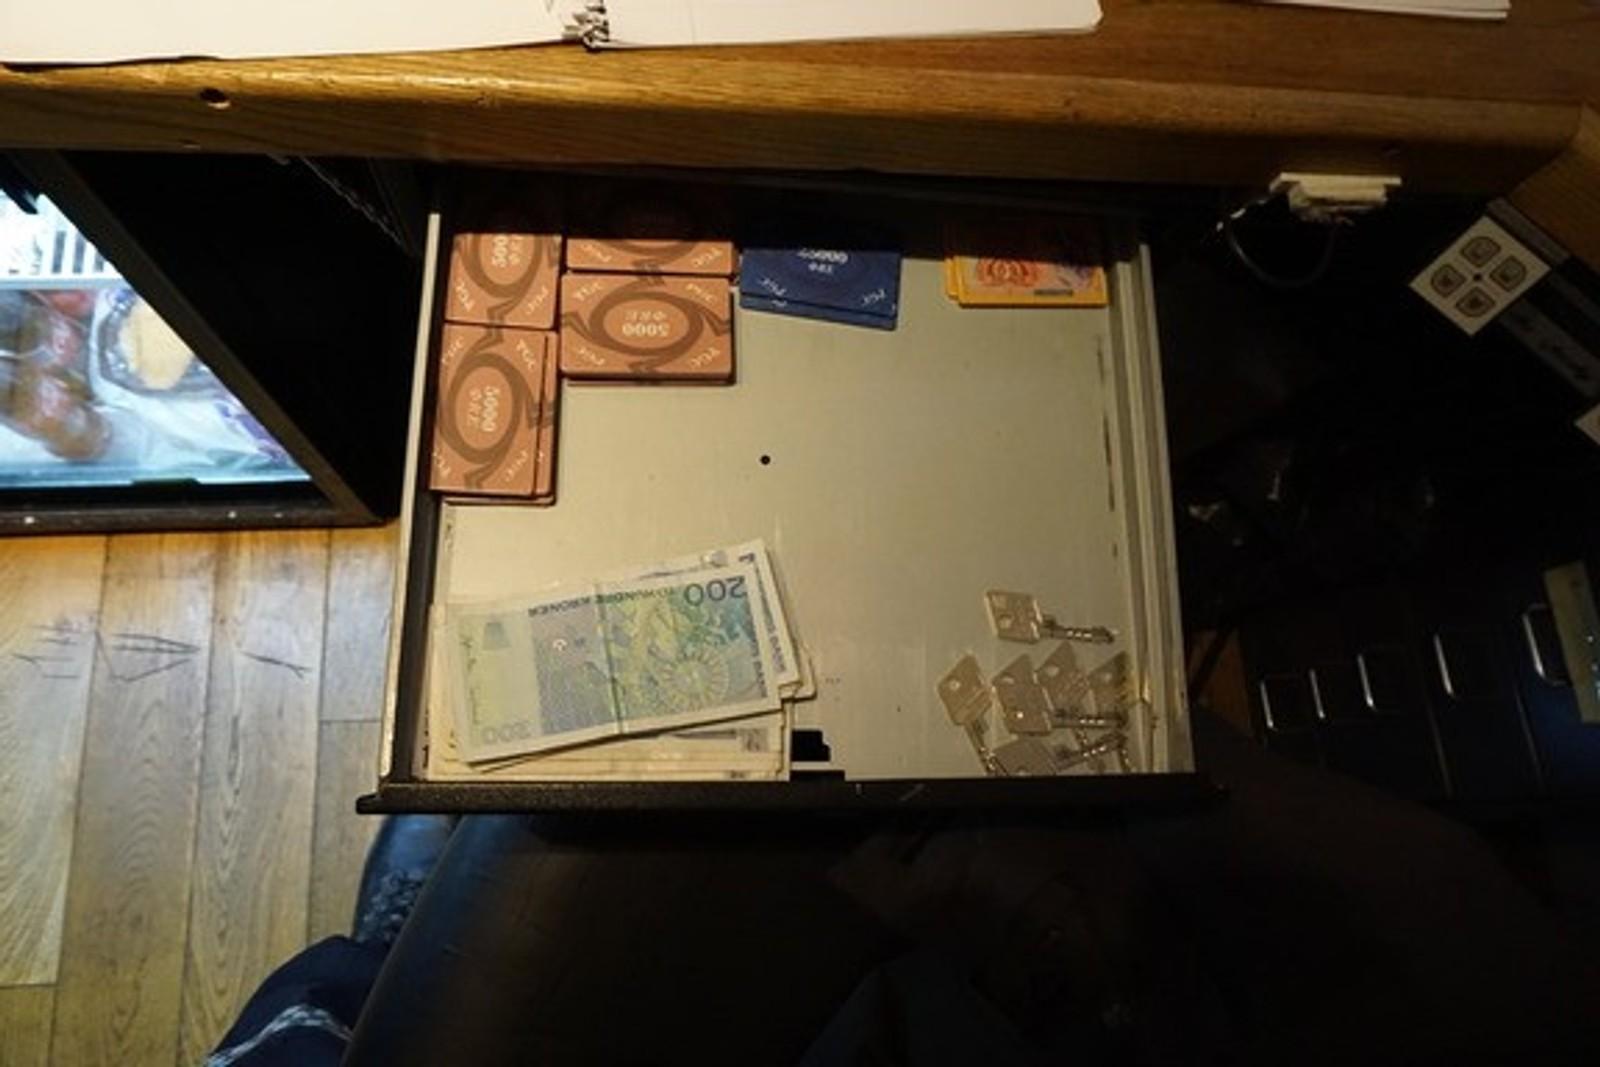 MONOPOLPENGER: Politiet fant både penger, poker chips og monopolpenger i den ulovlige klubben.